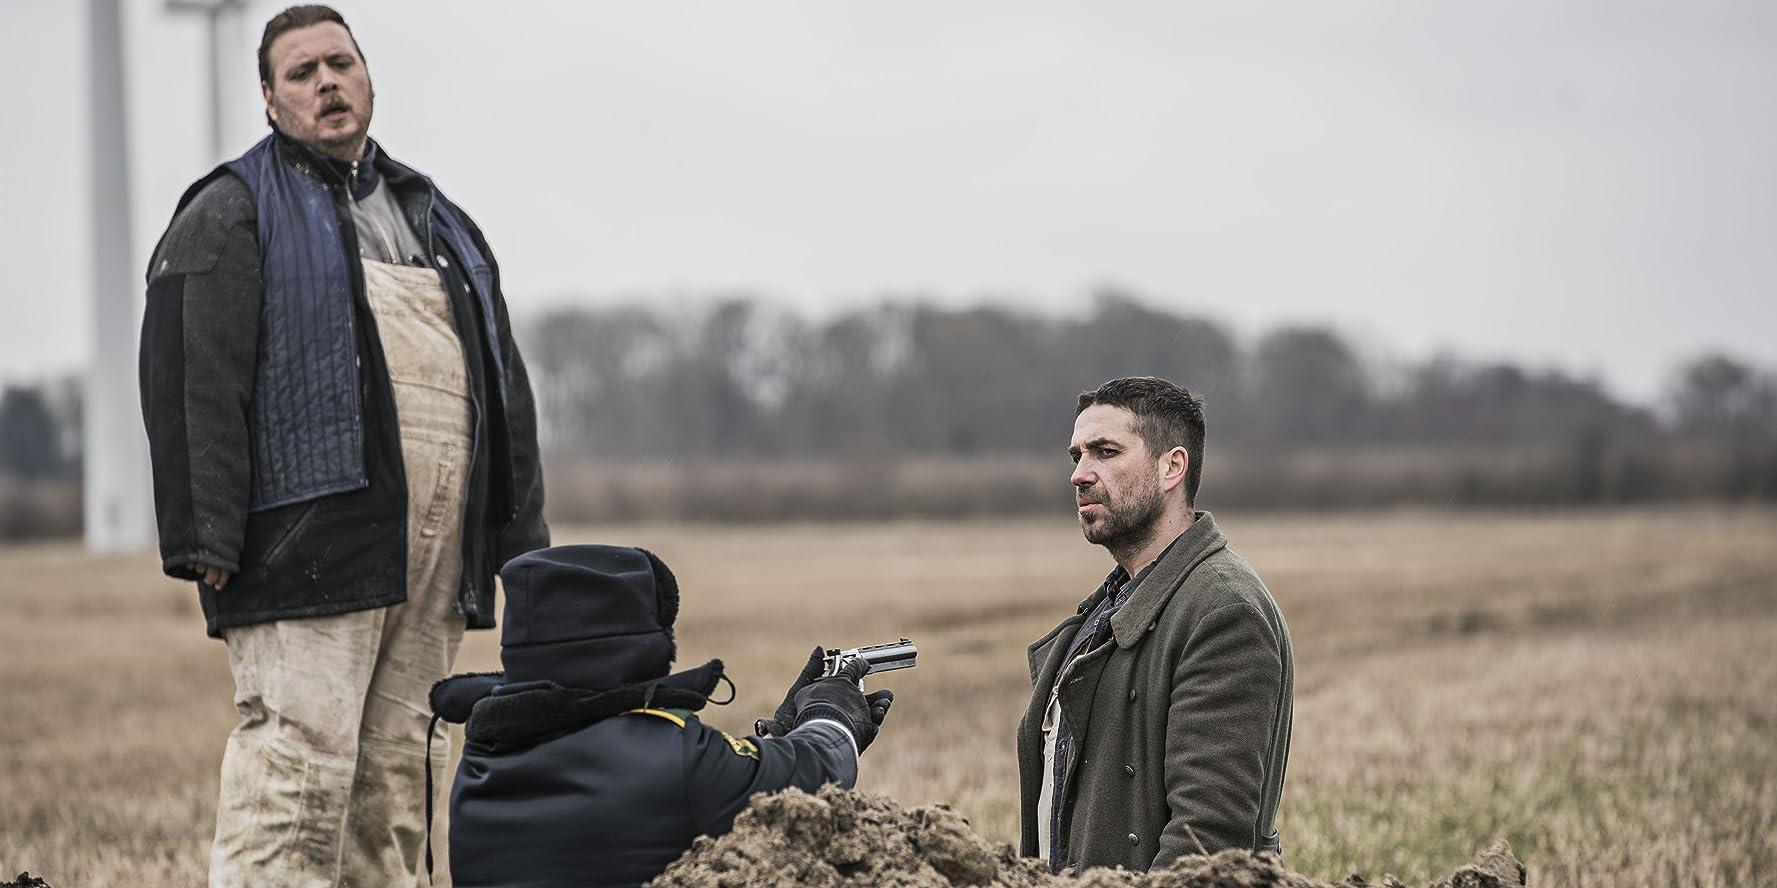 Nicolas Bro, Marcin Dorocinski, and Søren Malling in Dræberne fra Nibe (2017)